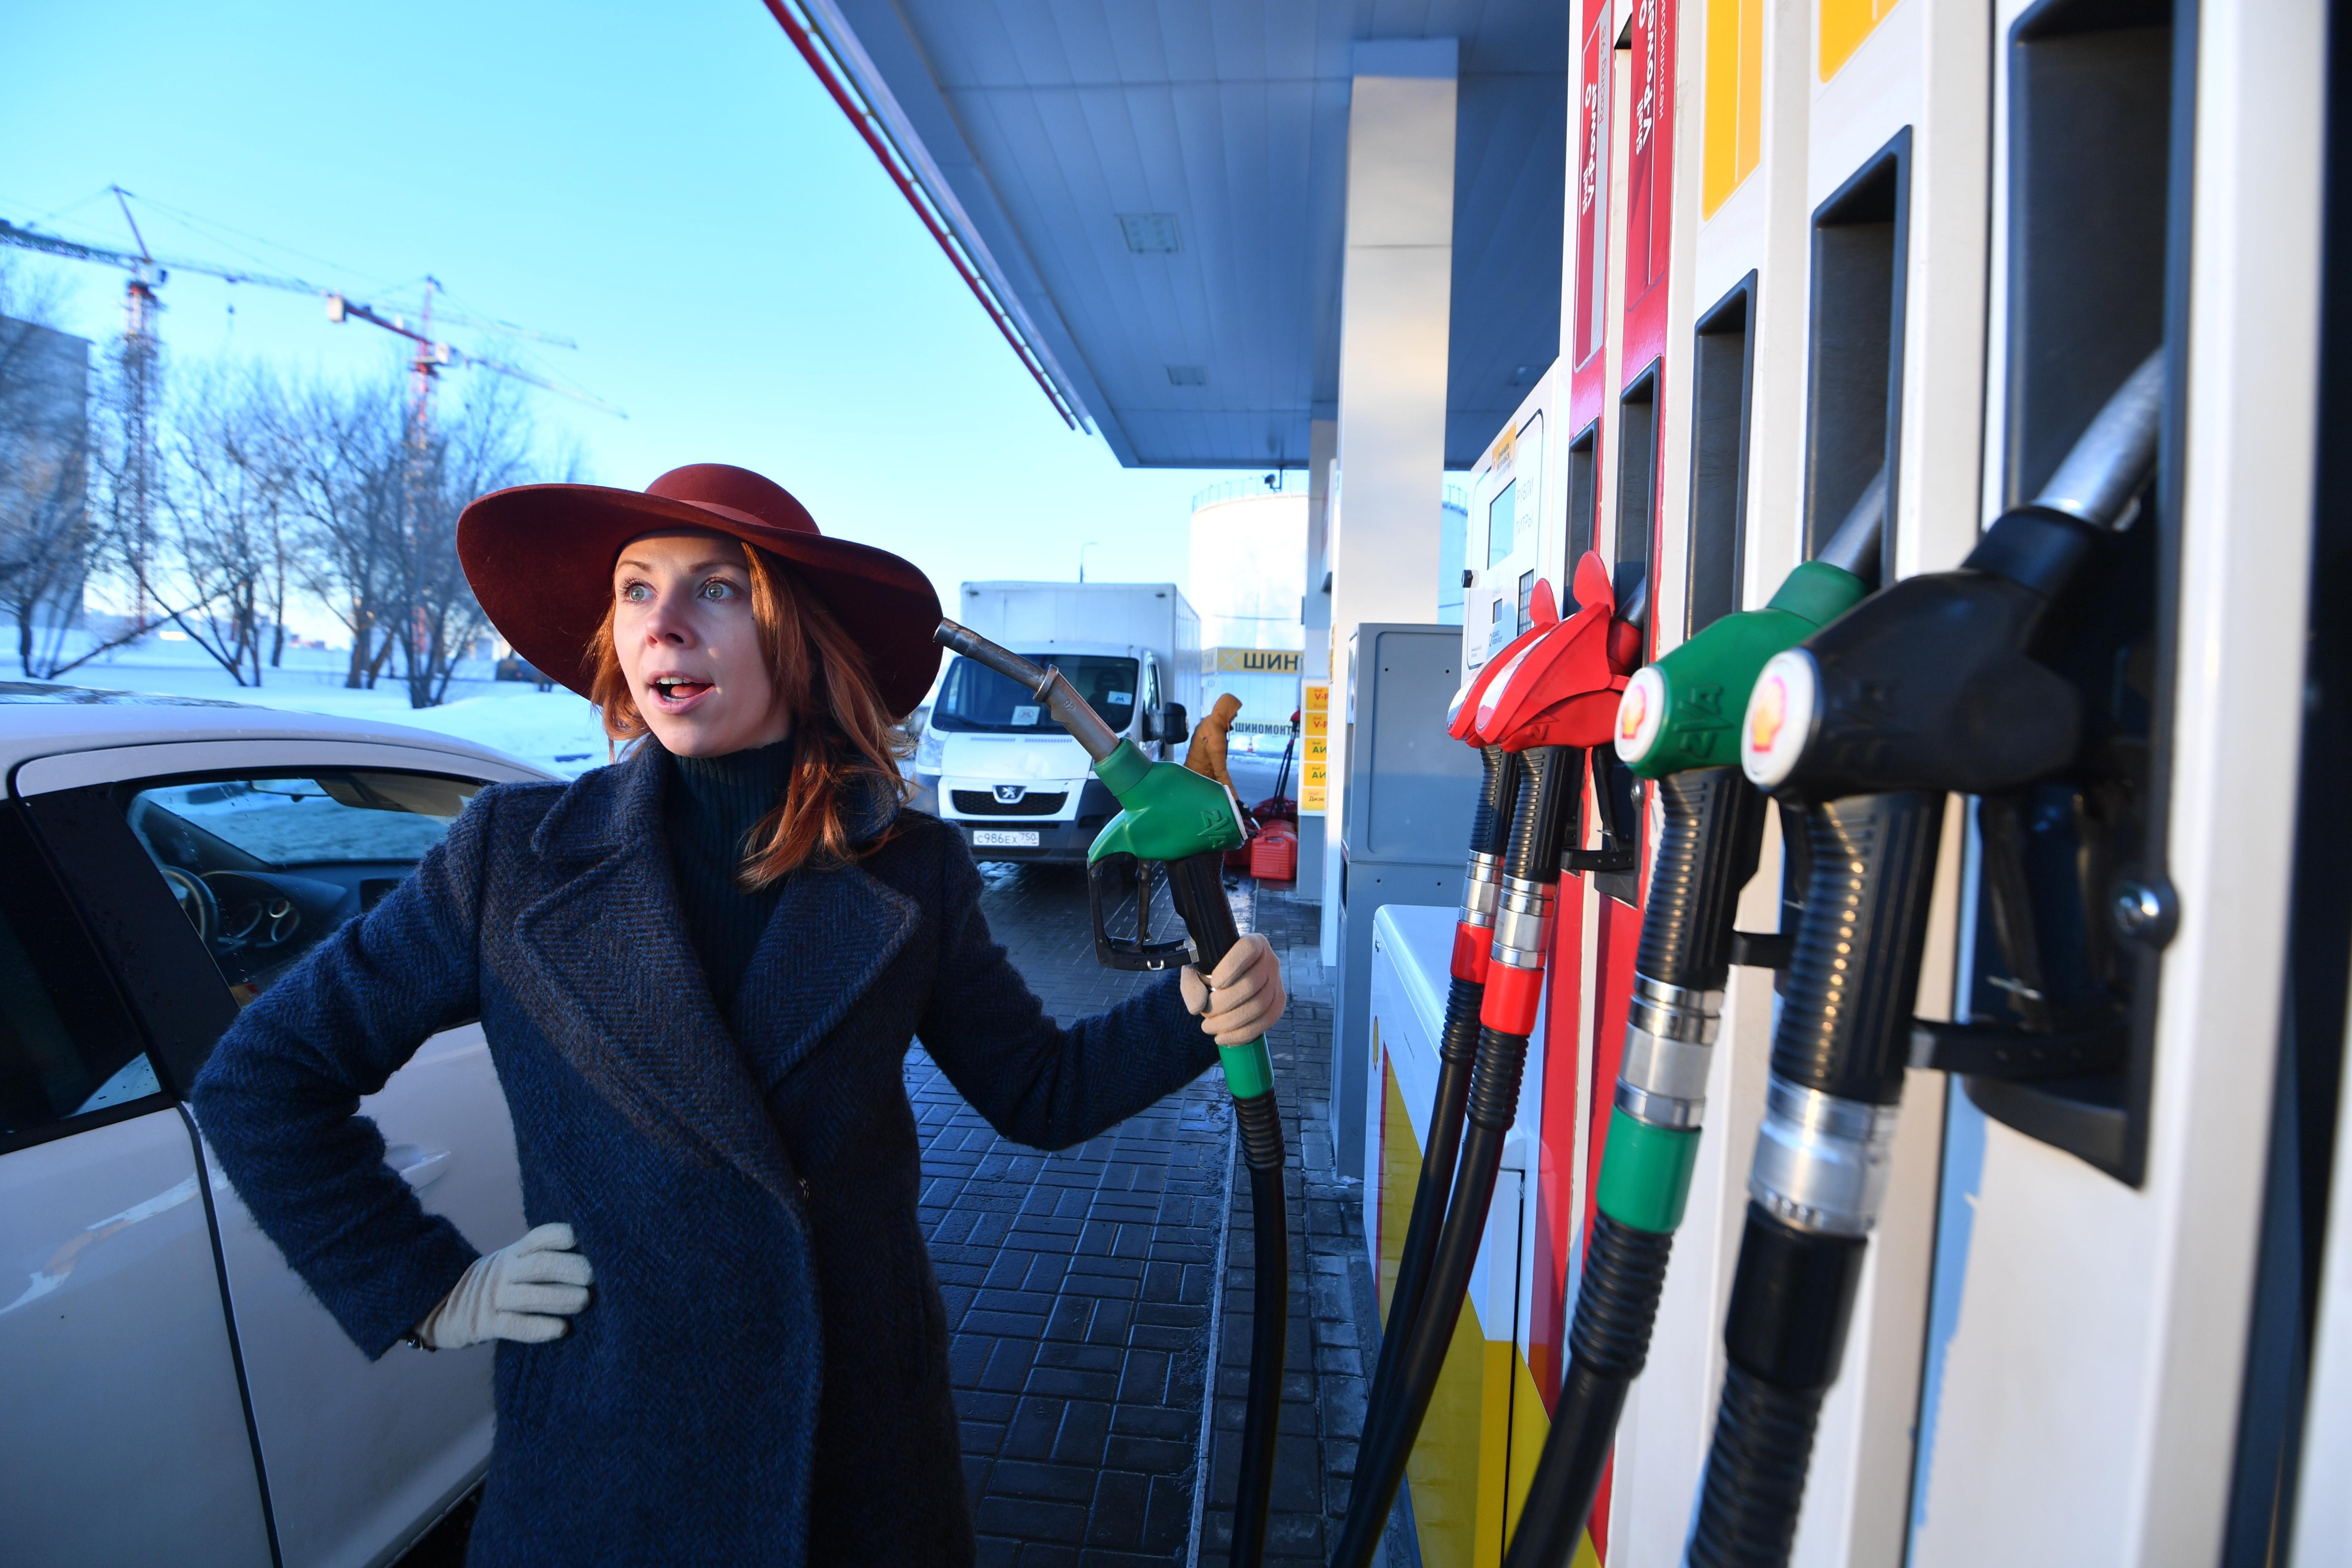 Самый недорогой 92-й бензин вгосударстве реализуют вЧелябинской области